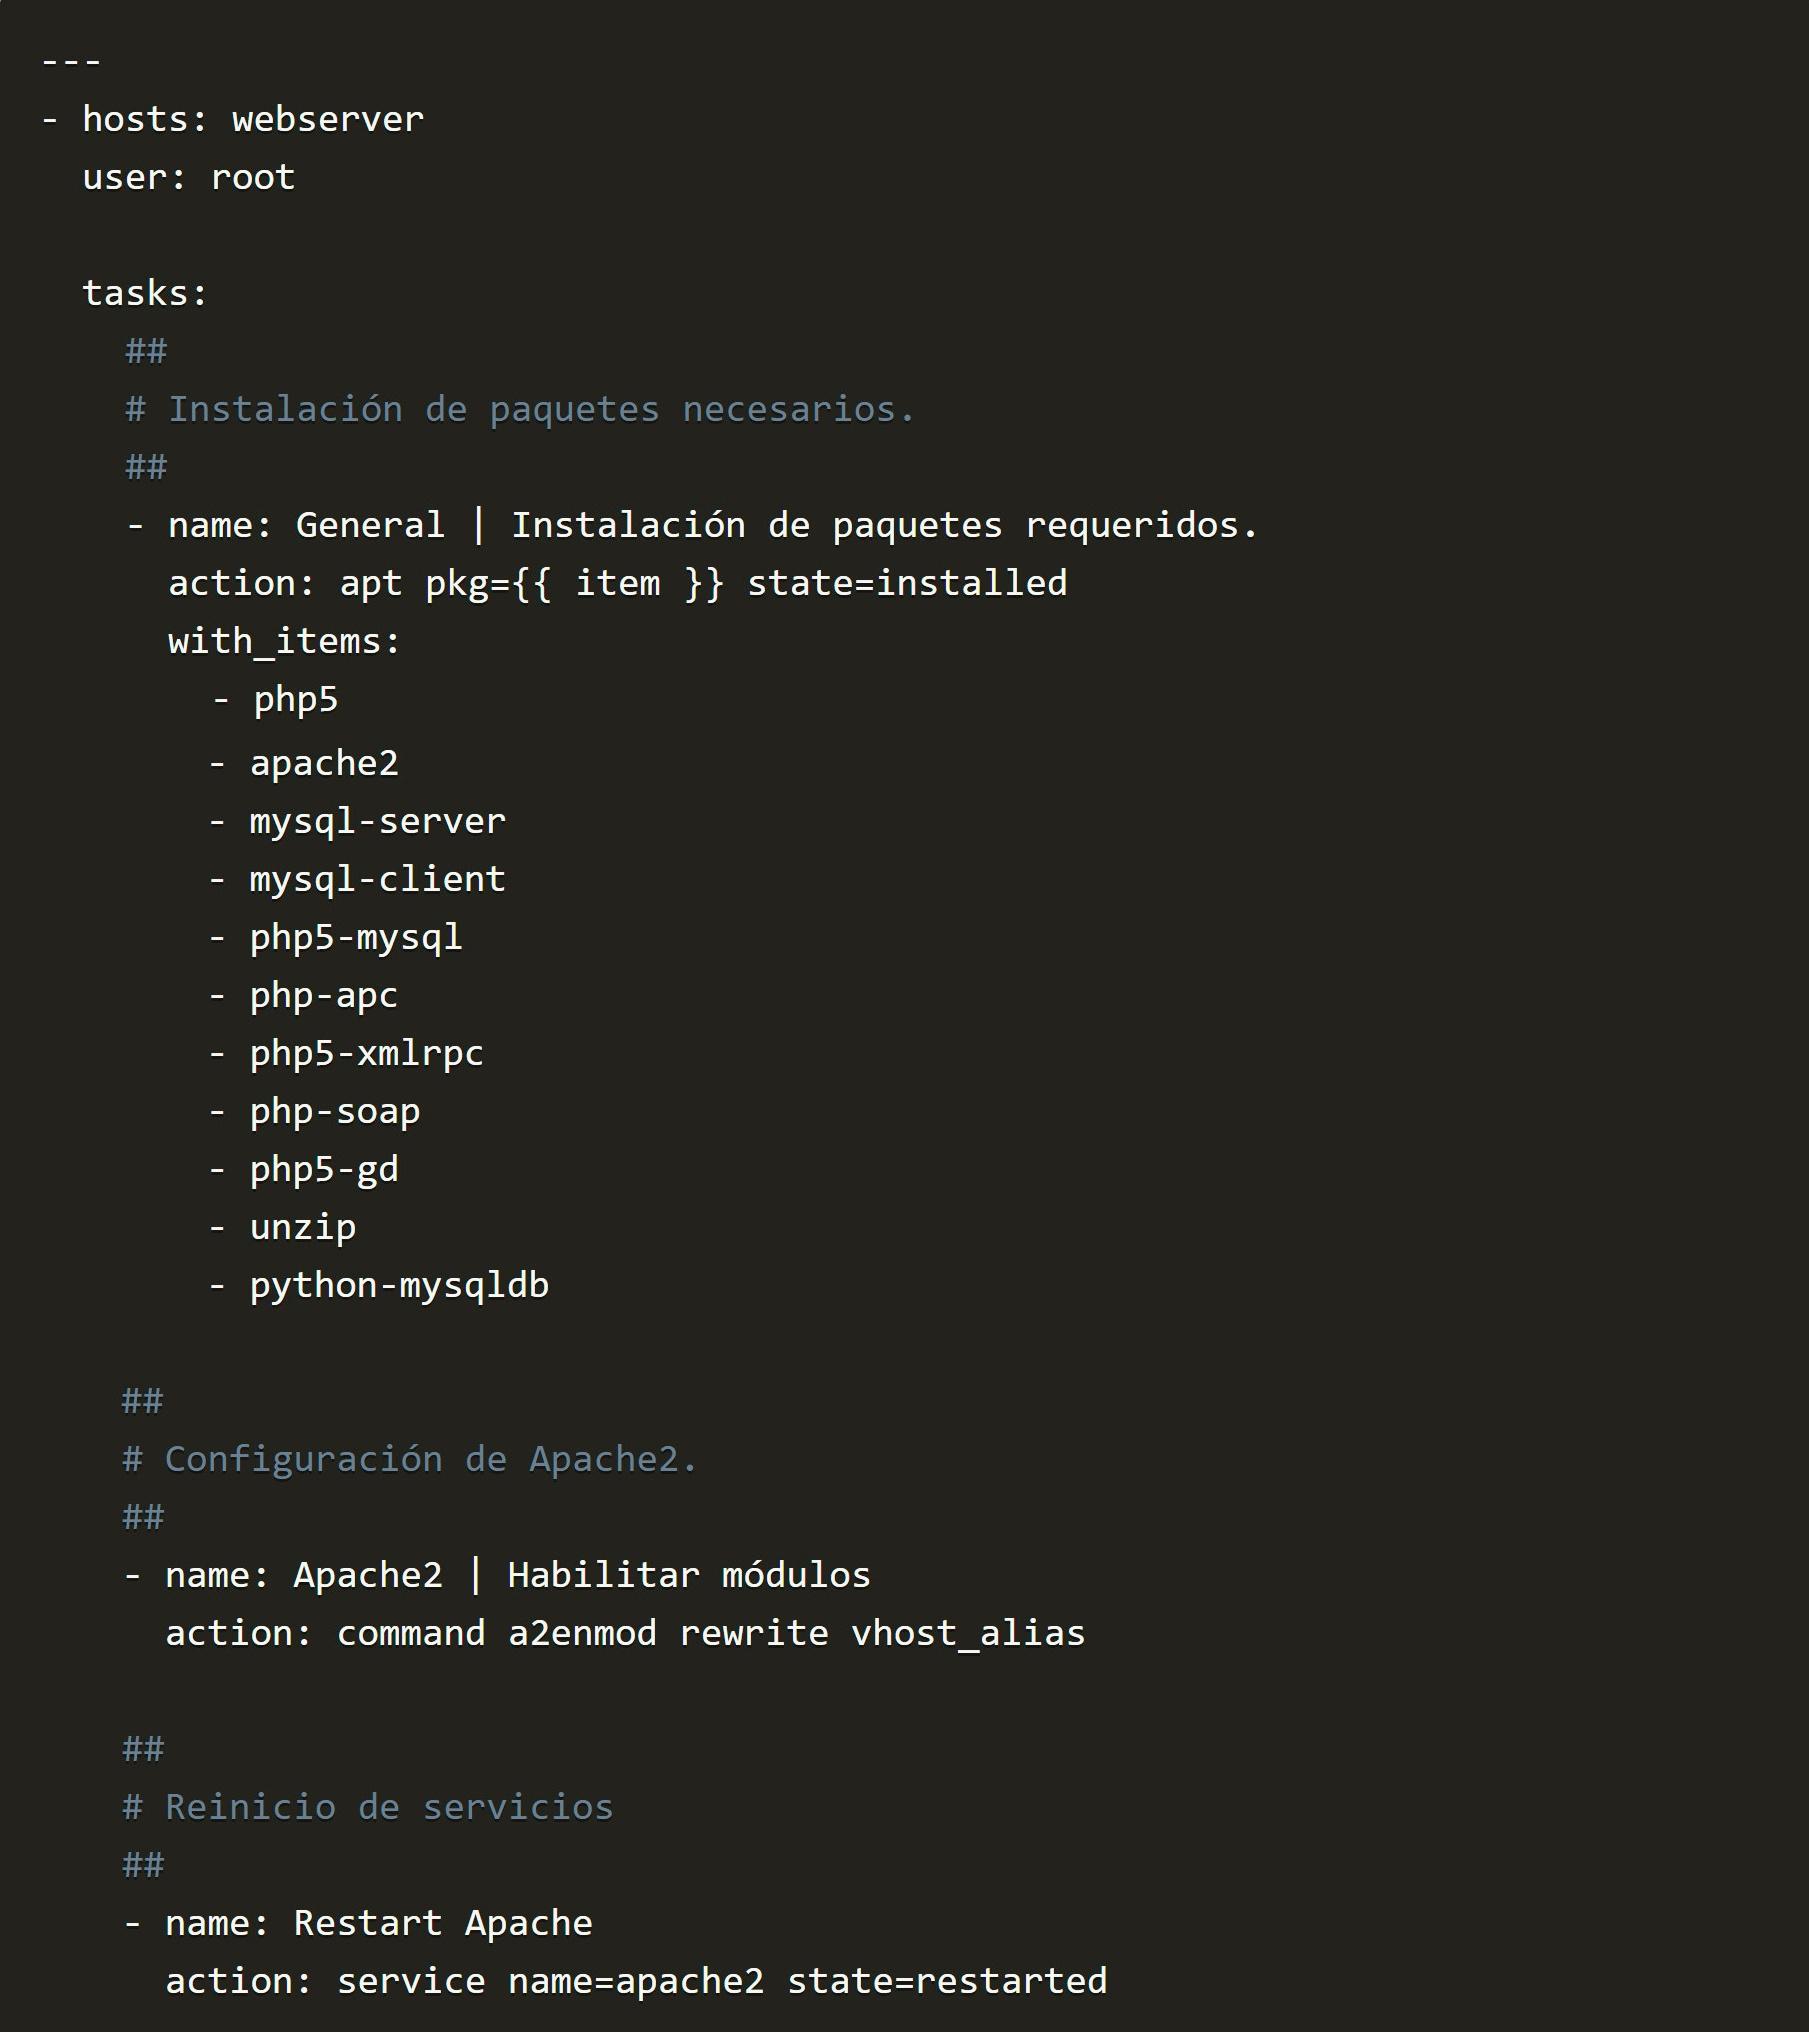 instalacion de paquetes php5 apache2 mysql server client